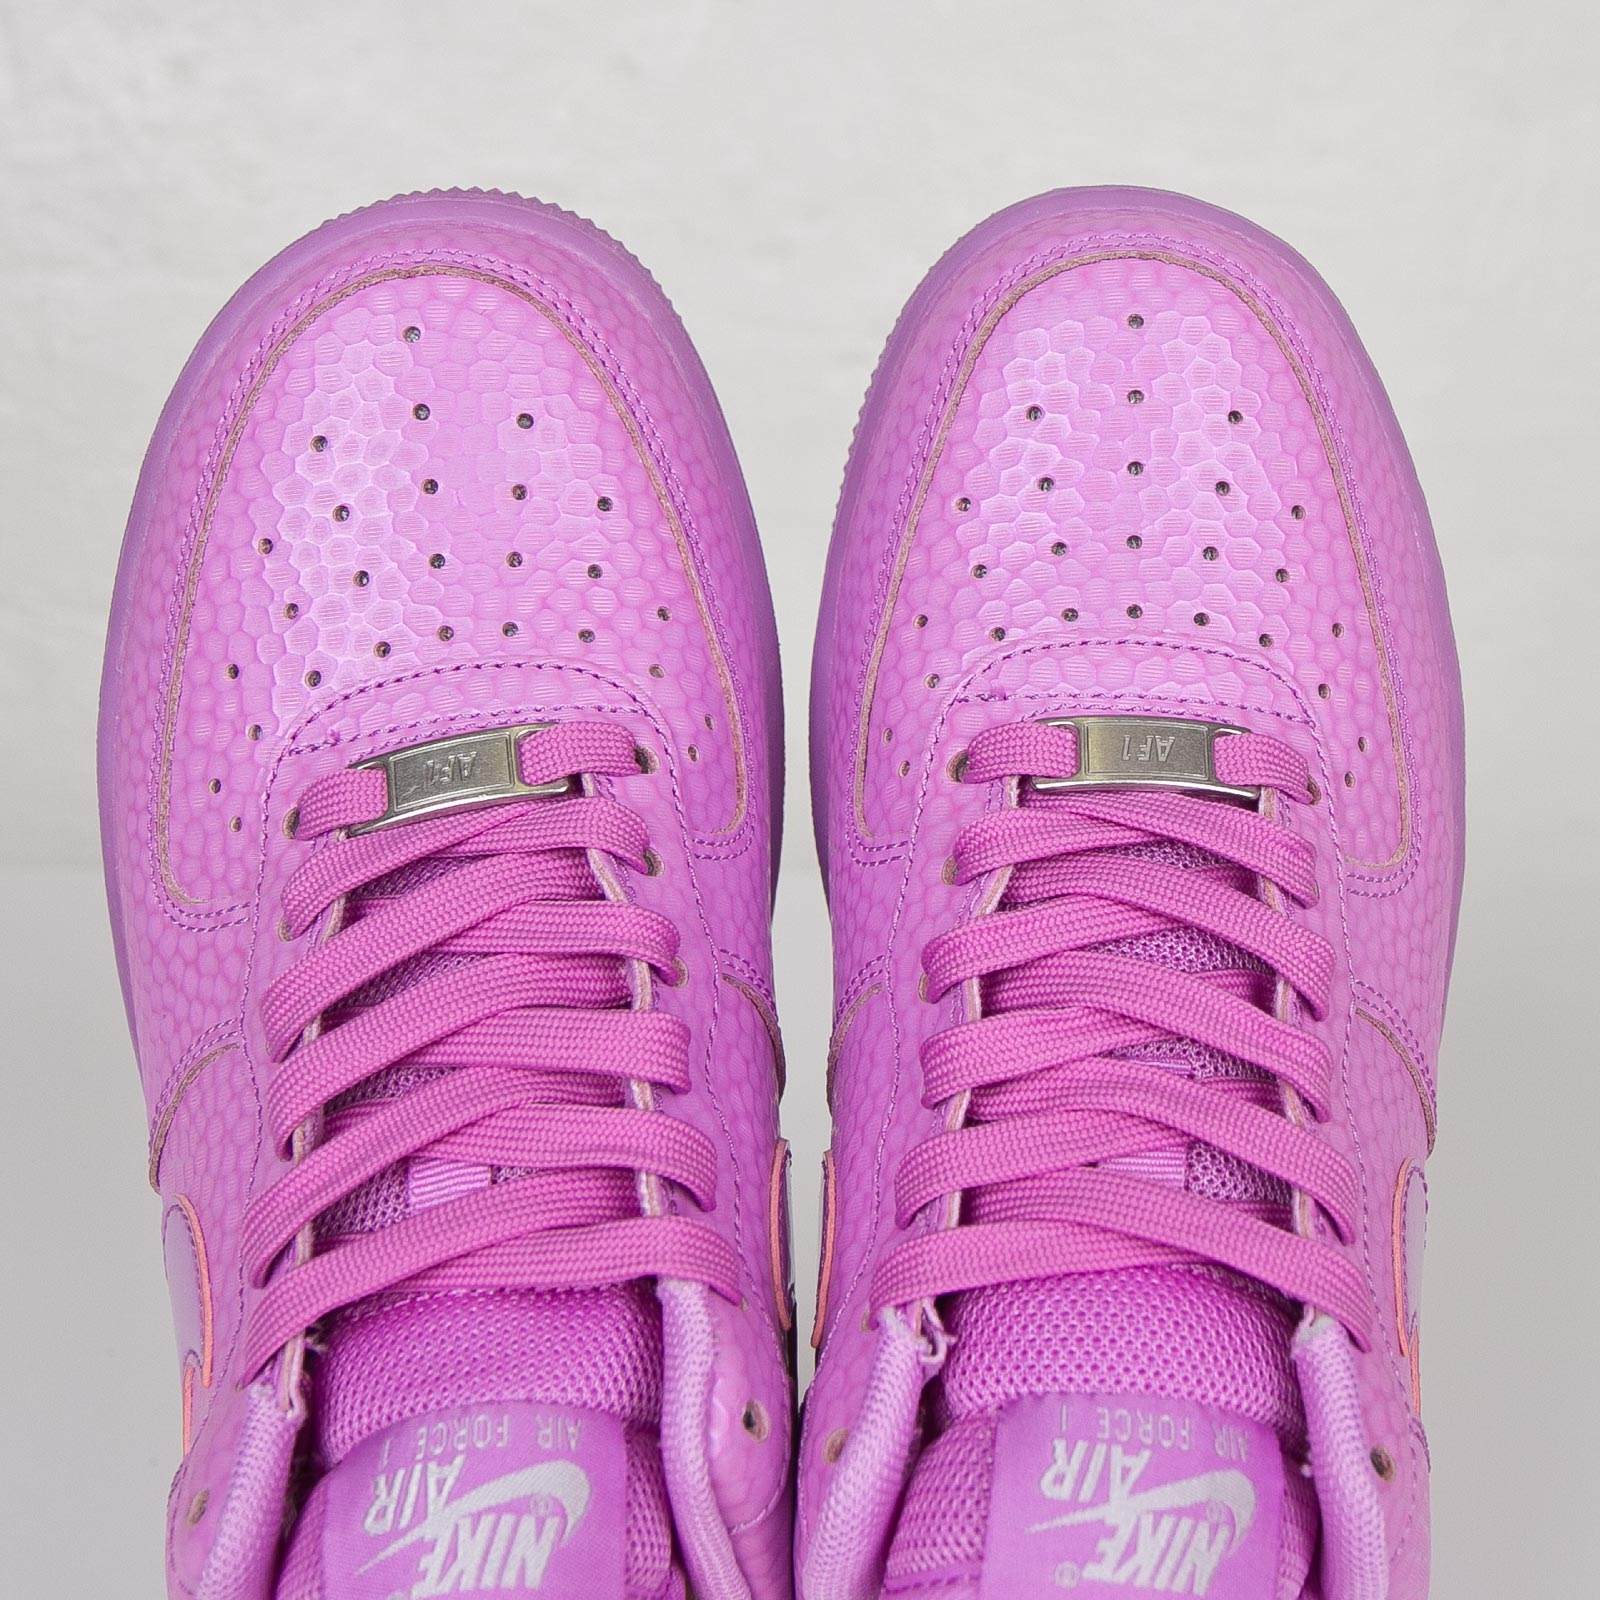 Nike Wmns Air Force 1 07 Premium 616725 500